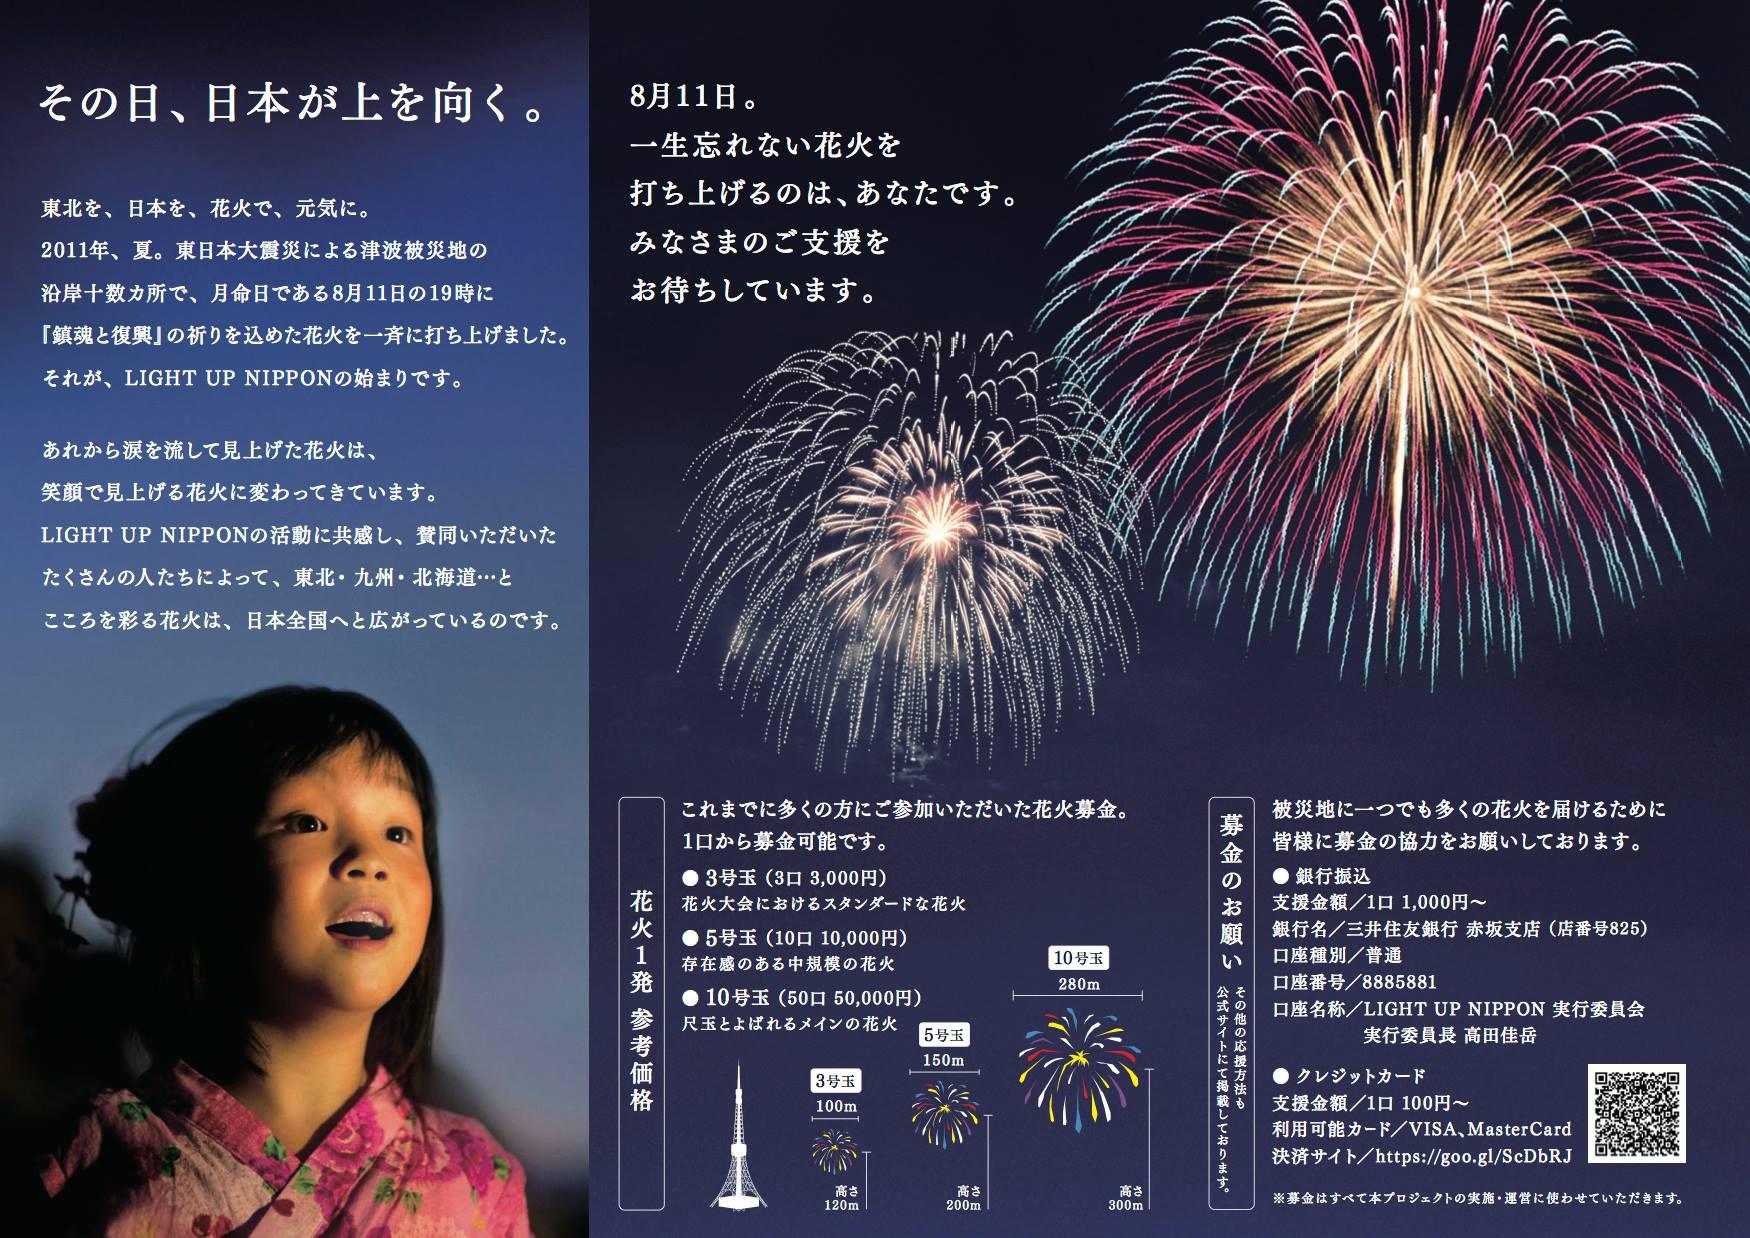 LIGHT UP NIPPON 気仙沼みなとまつり2018